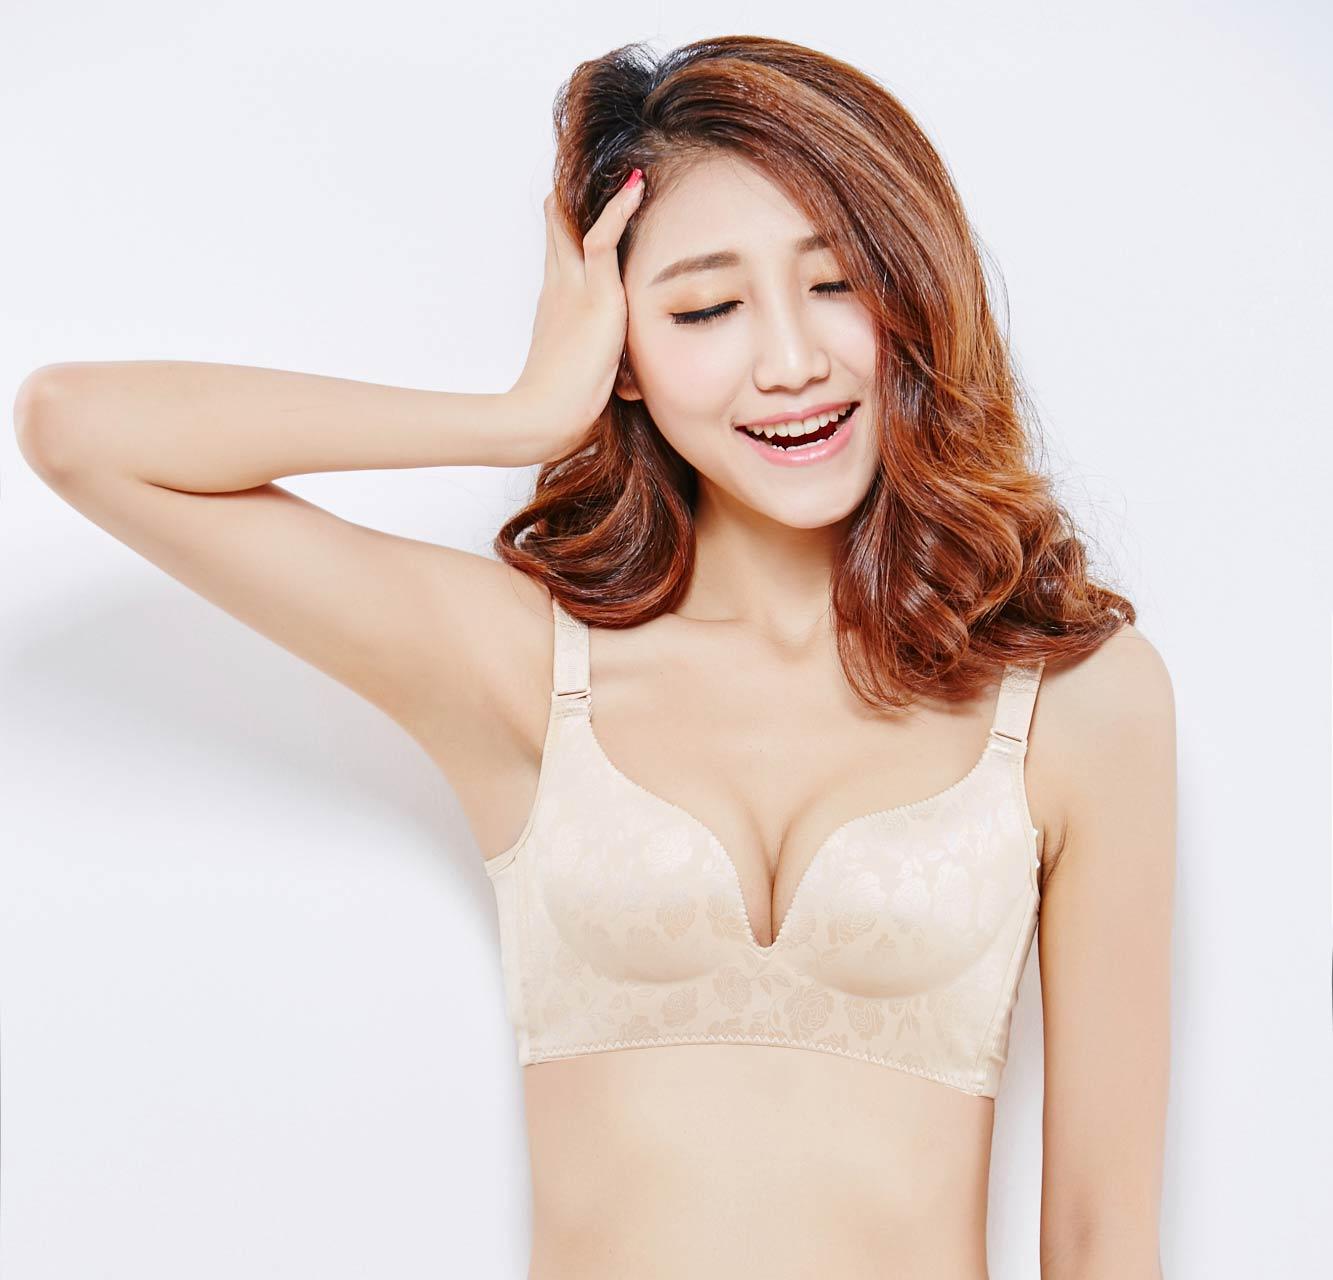 岳阳爱当娜内衣加盟:开店经营技巧分享